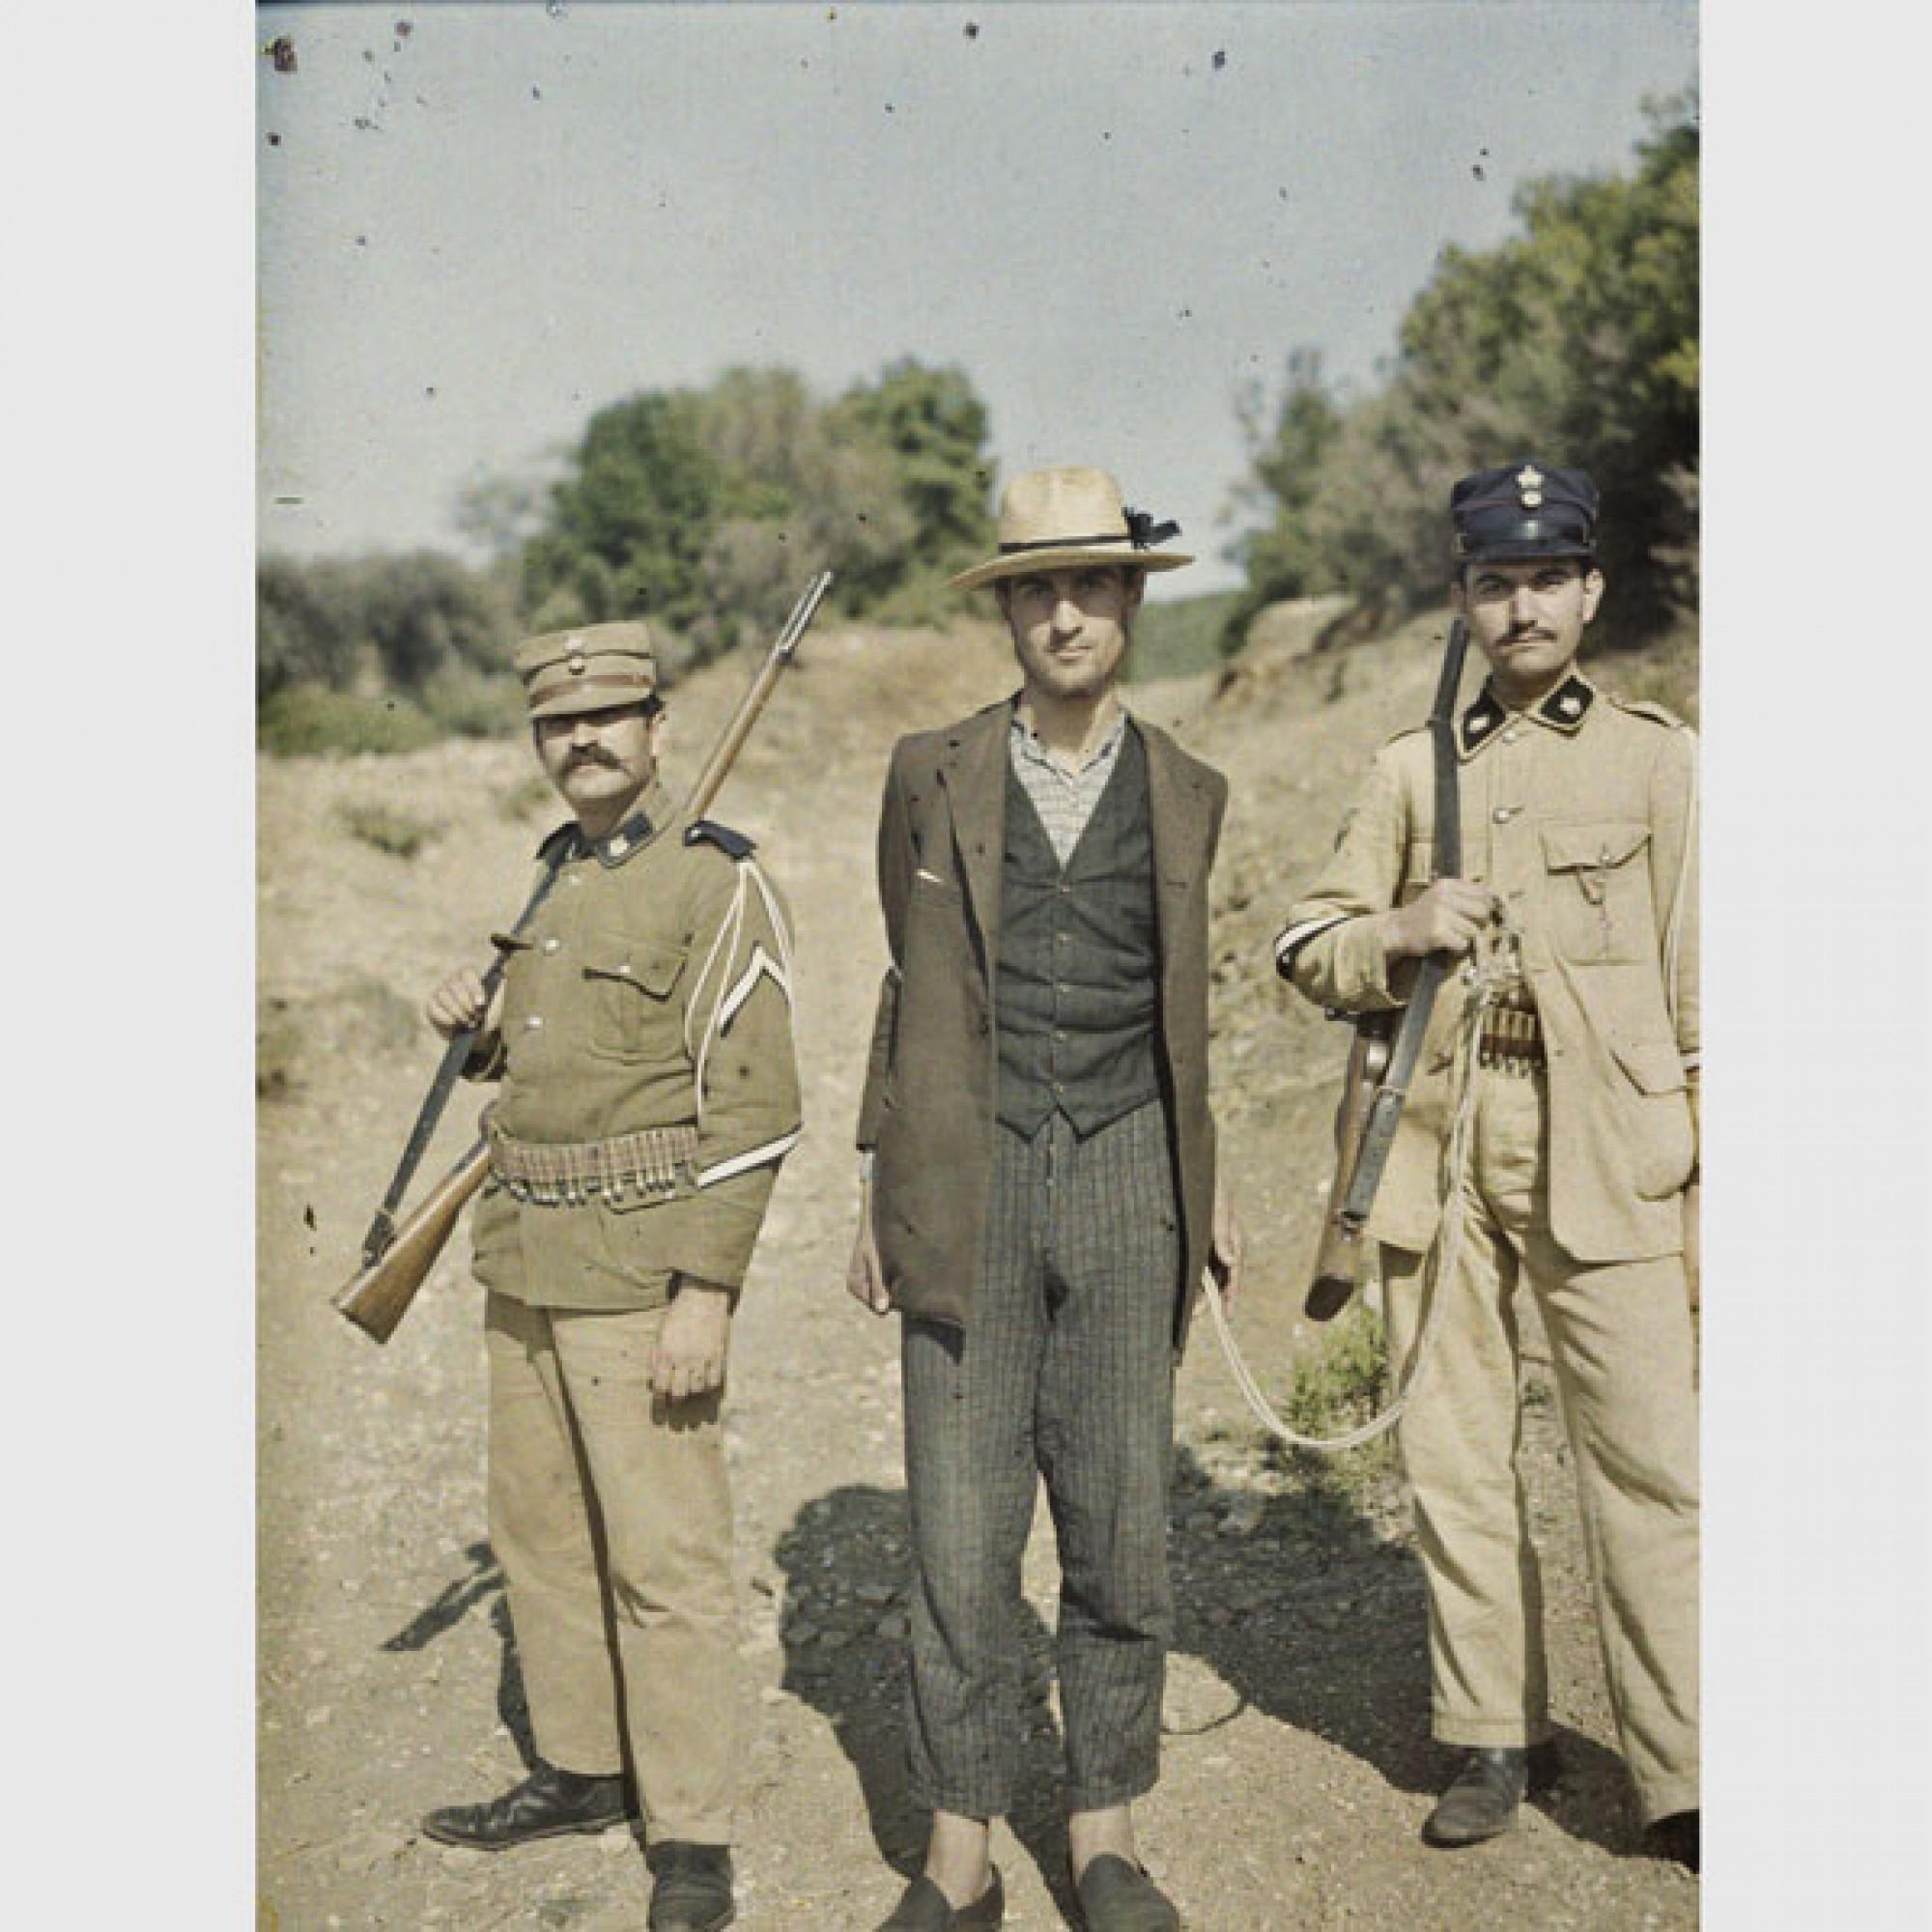 Stéphane Passet, Griechenland, am Berg Athos, Zwei Soldaten mit Gefangenem,10. September 1913.  (Musée Albert-Kahn, Département des Hauts-de-Seine)